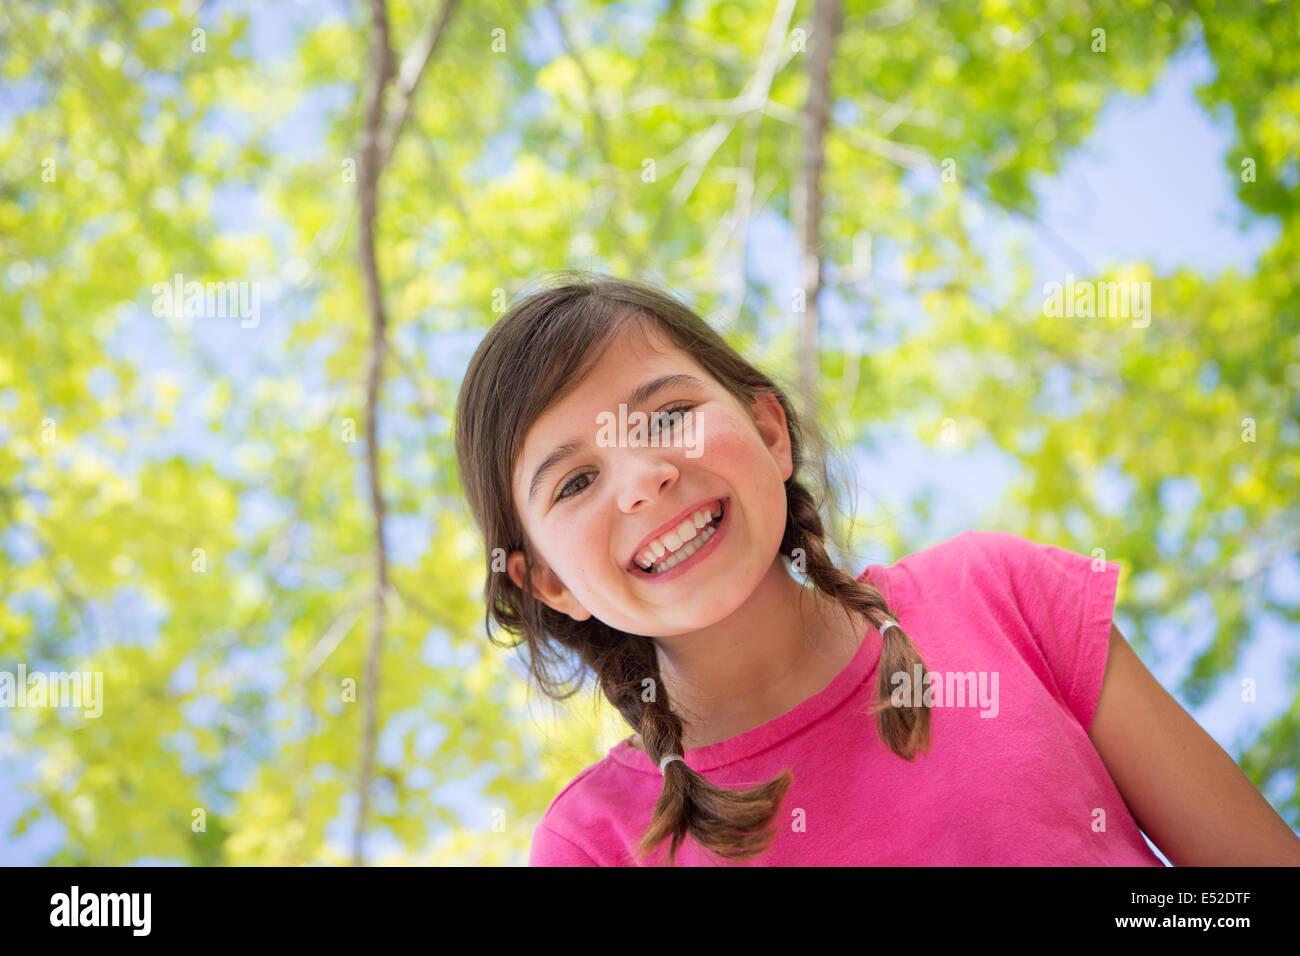 Ein junges Mädchen mit Zöpfen trägt ein pinkes Top unter einem Baldachin von Bäumen. Stockbild